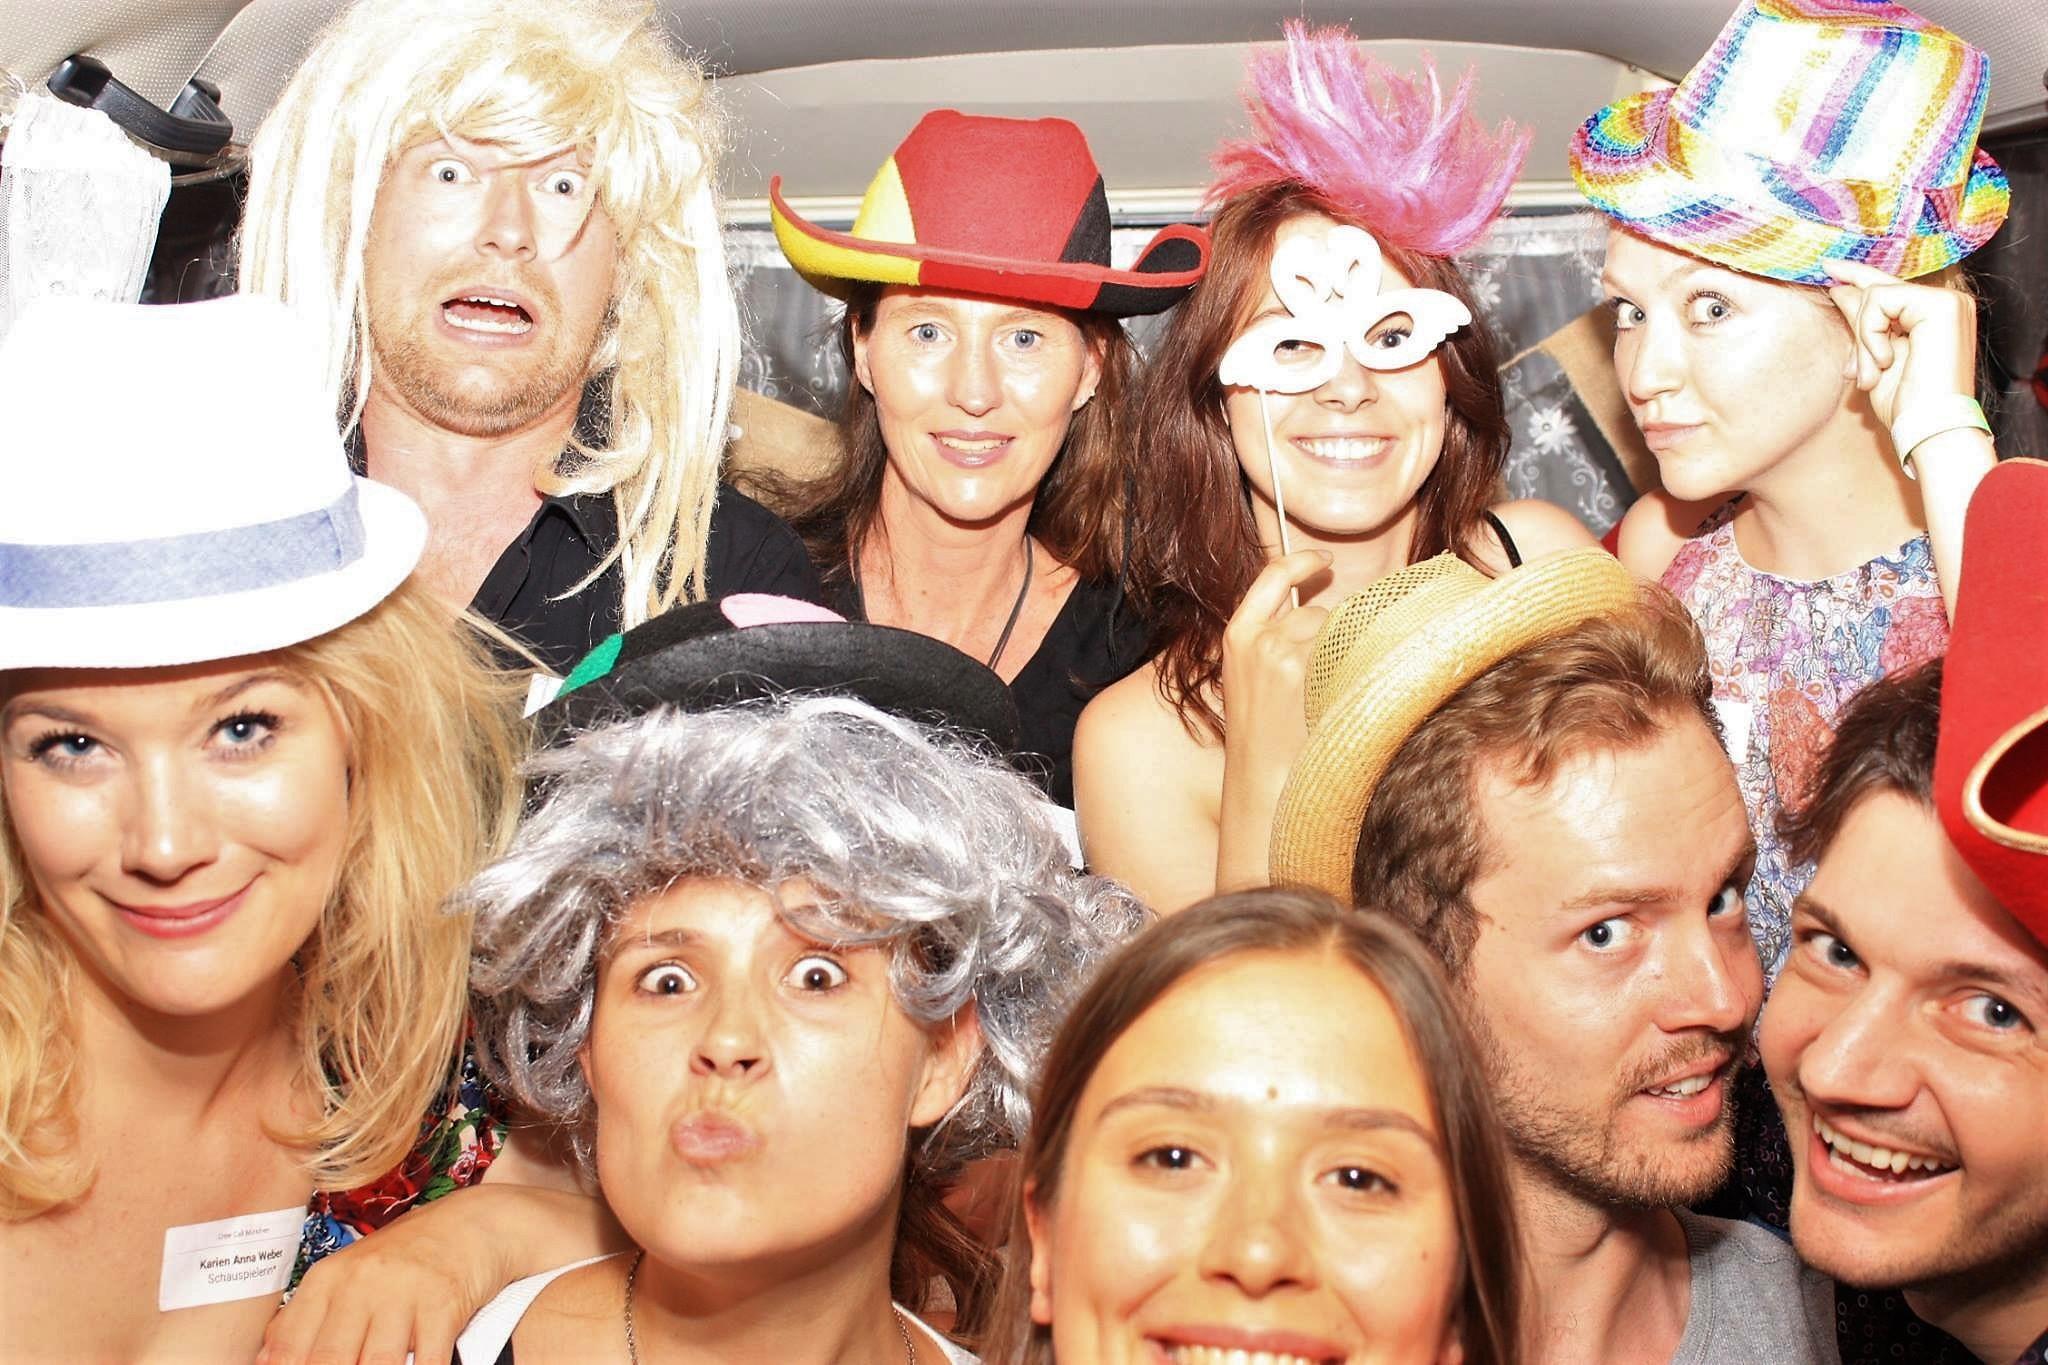 Crew Call 2017_alle in einem Bus: Hubertus Geller, Corinna Bergmann, Nadine Scheidecker, Alexandra Schiller, Dominik Balkow, Jan-Urs Hartmann u.a.